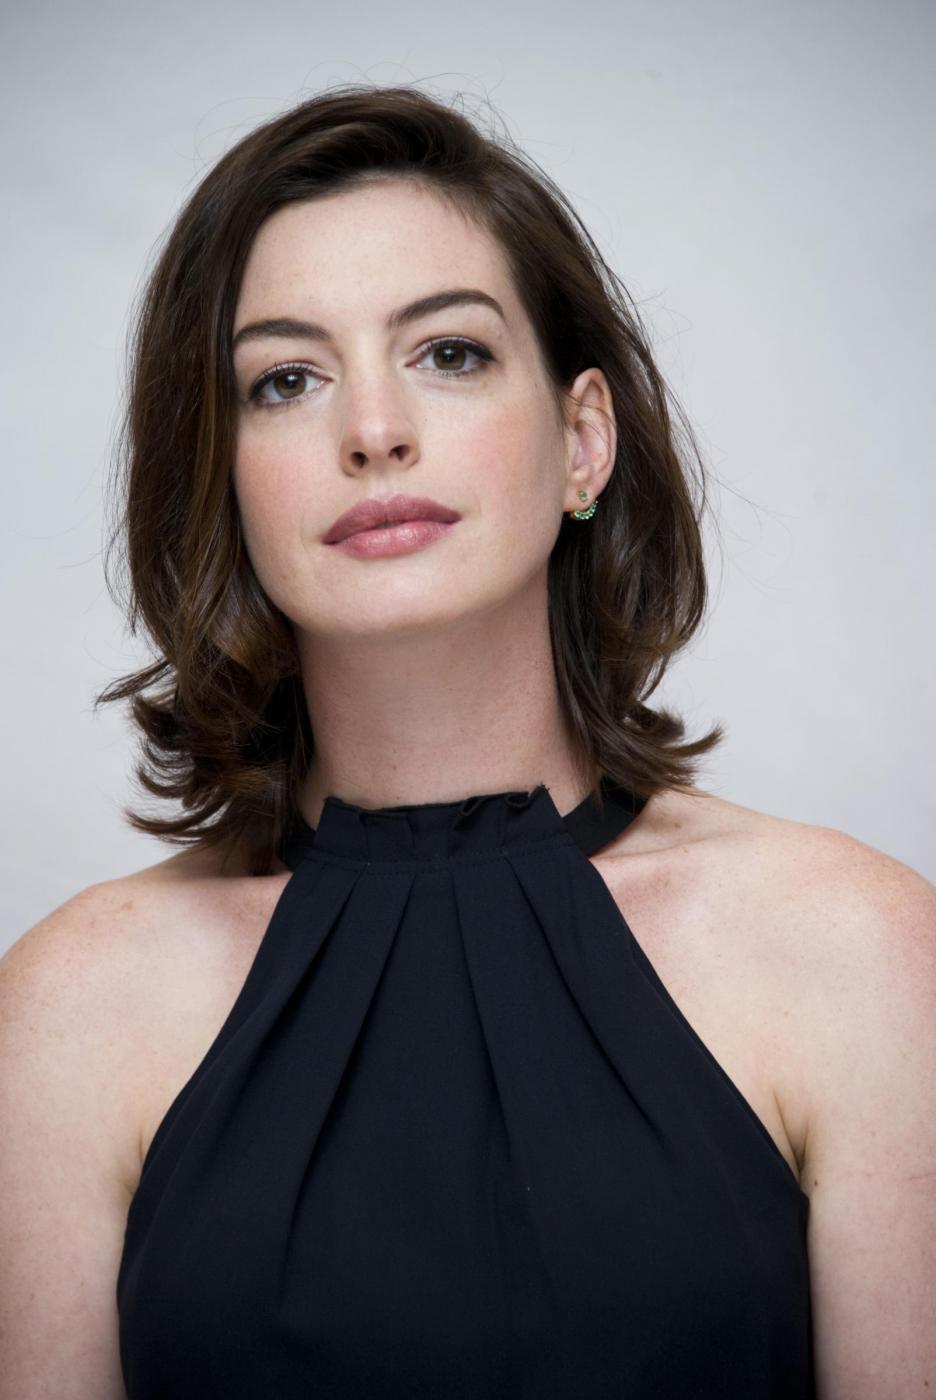 Anne Hathaway elegante per il photocall del film The intern FOTO 15